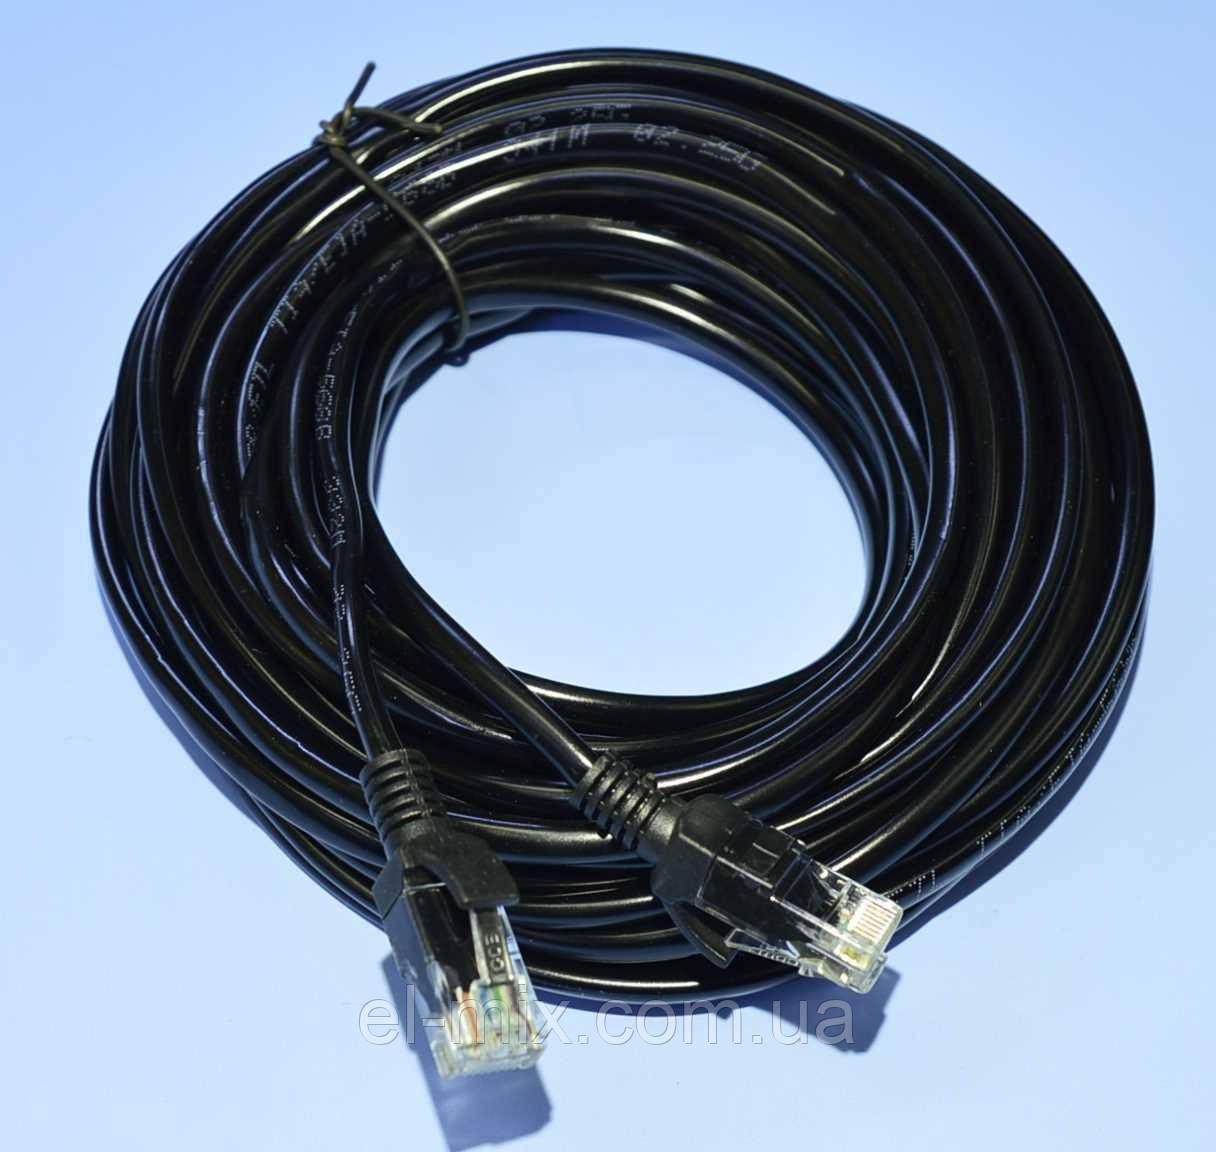 Шнур UTP-5e patchcord CCA шт.RJ45 — шт.RJ45, черный  20м  5-0817